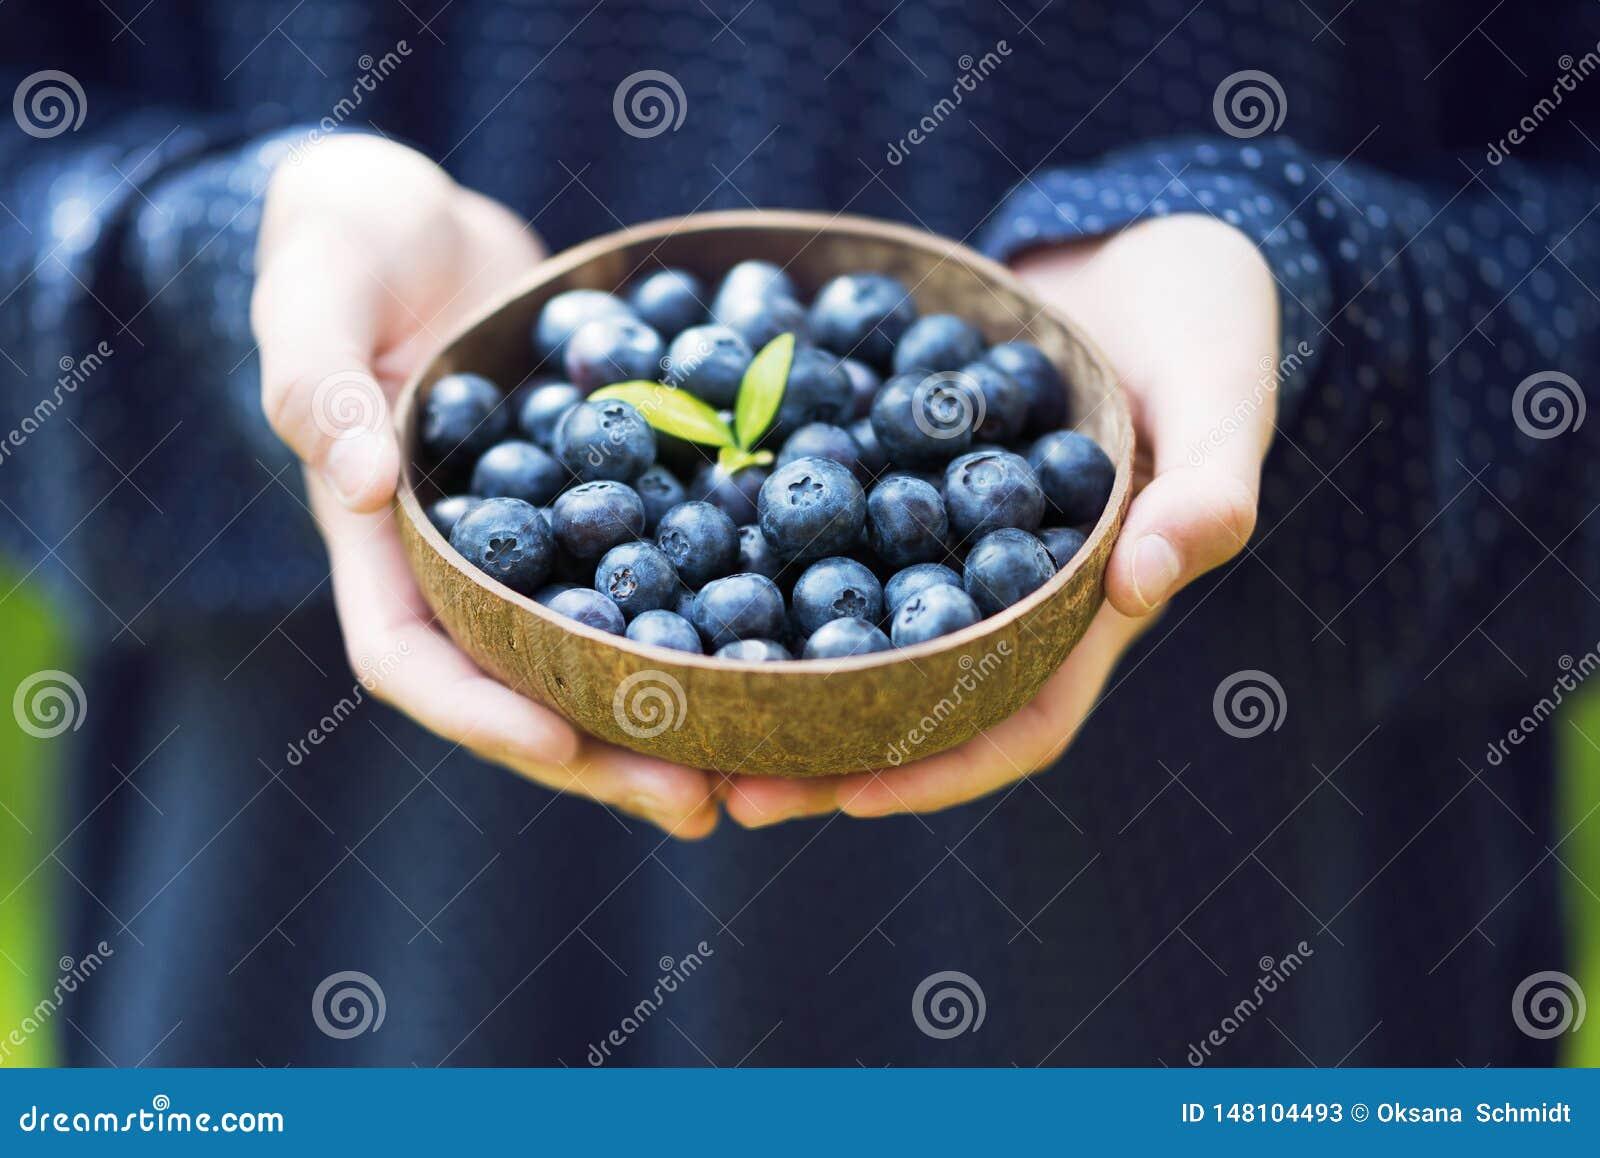 Młodzi girl's wręczają trzymać puchar z świeżymi dojrzałymi czarnymi jagodami